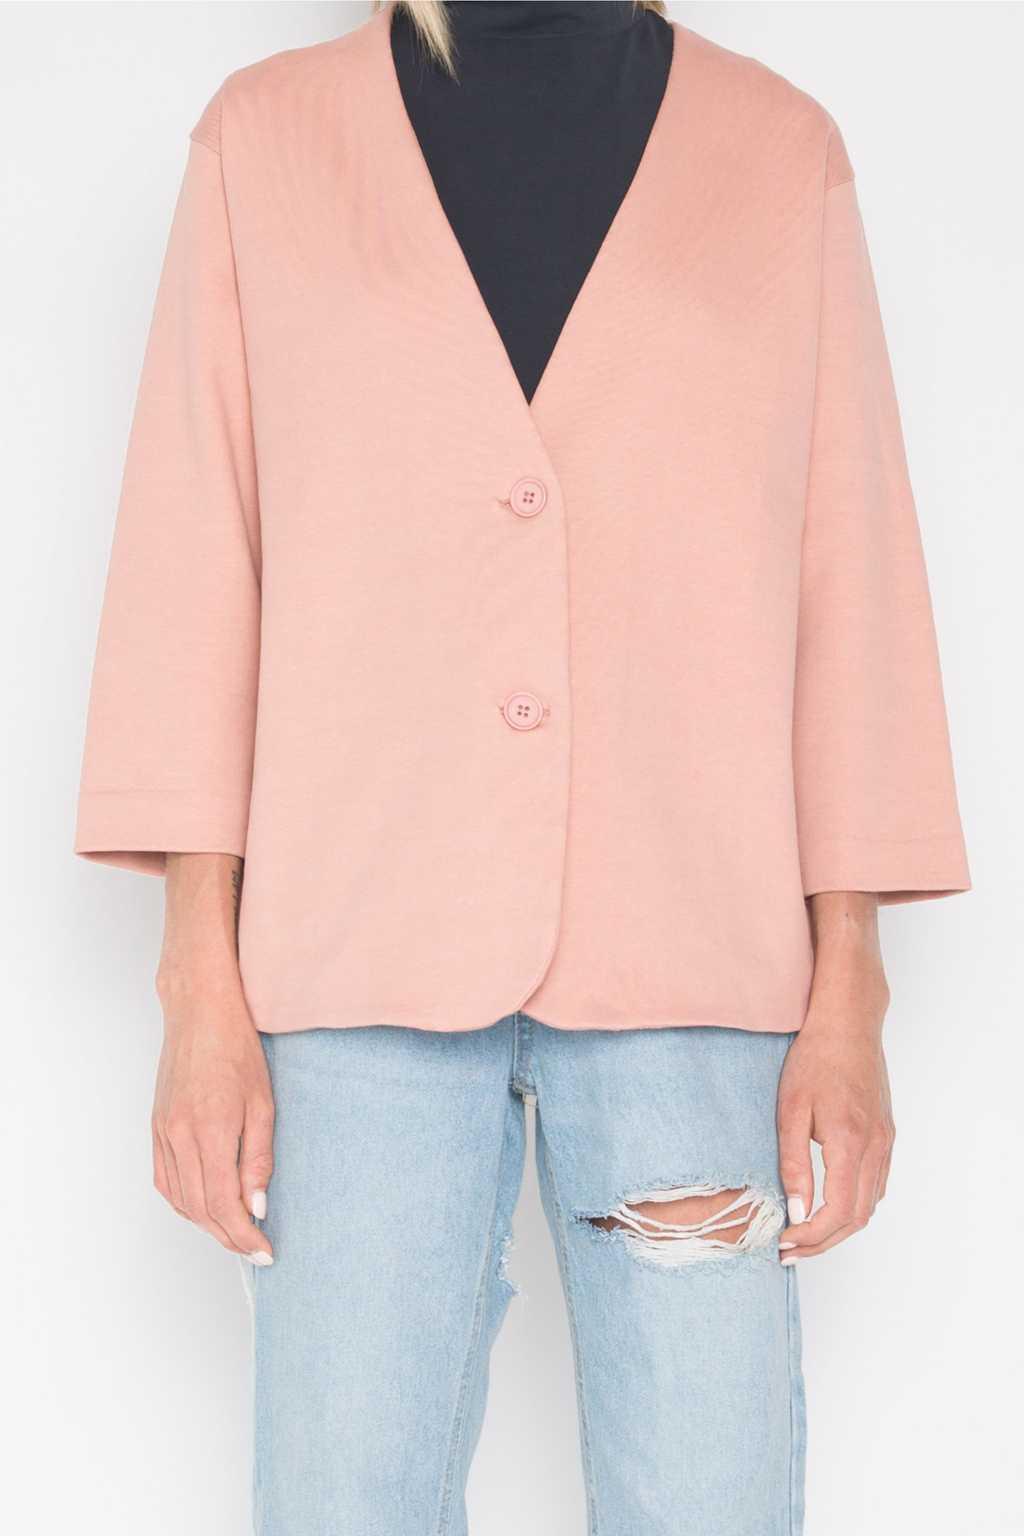 Jacket 732 Pink 2